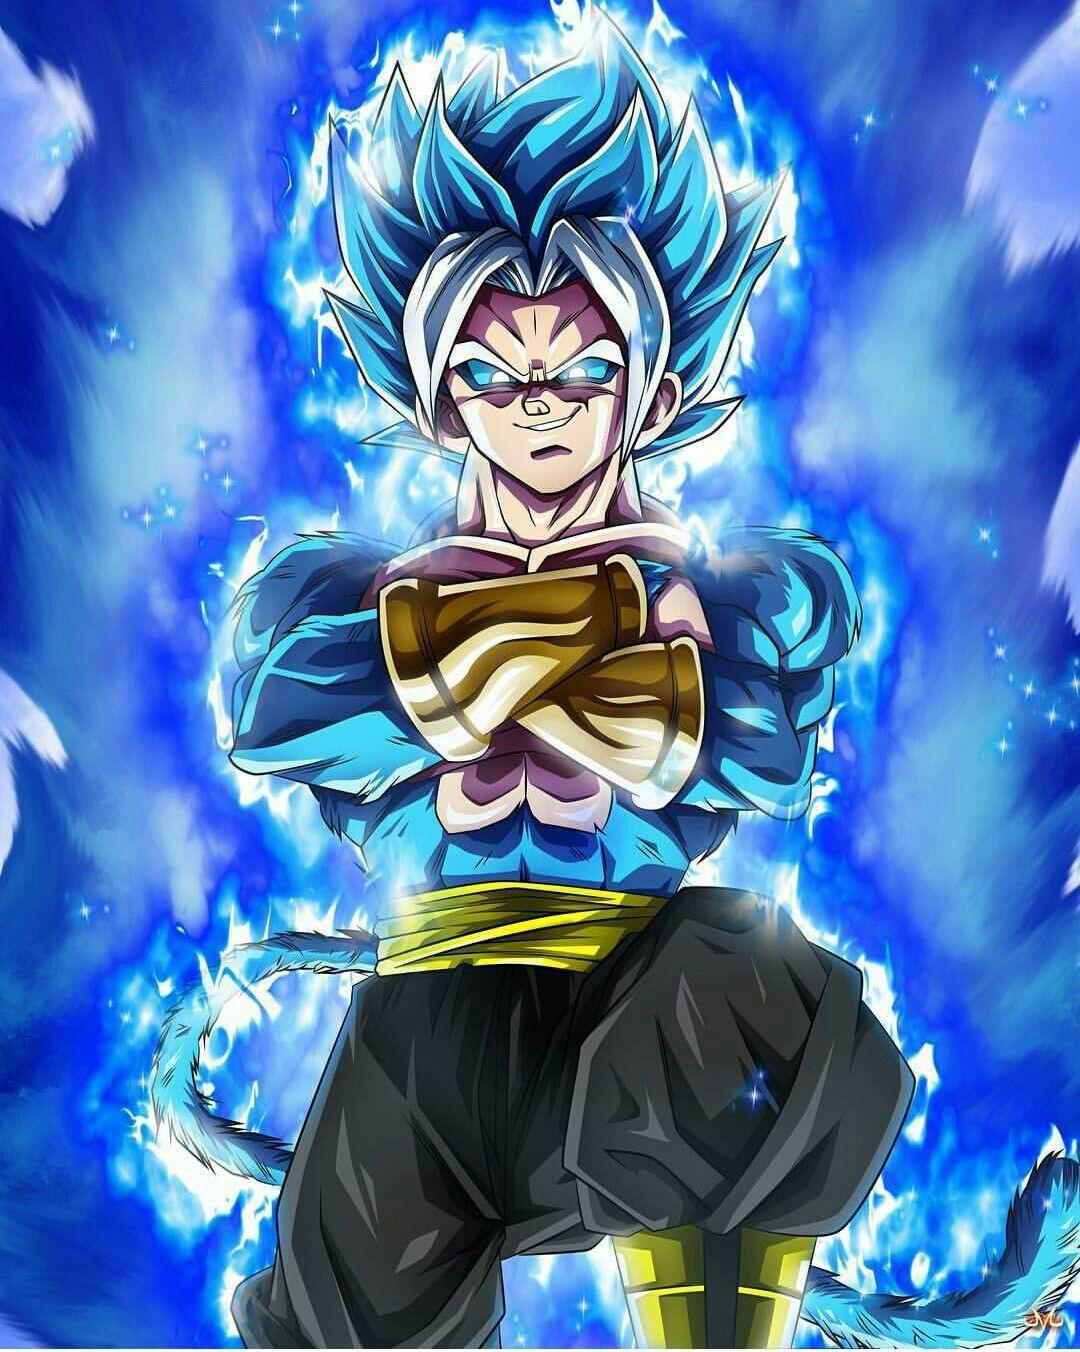 Pin By Oz On Db Dragon Ball Super Manga Dragon Ball Dragon Ball Super Goku